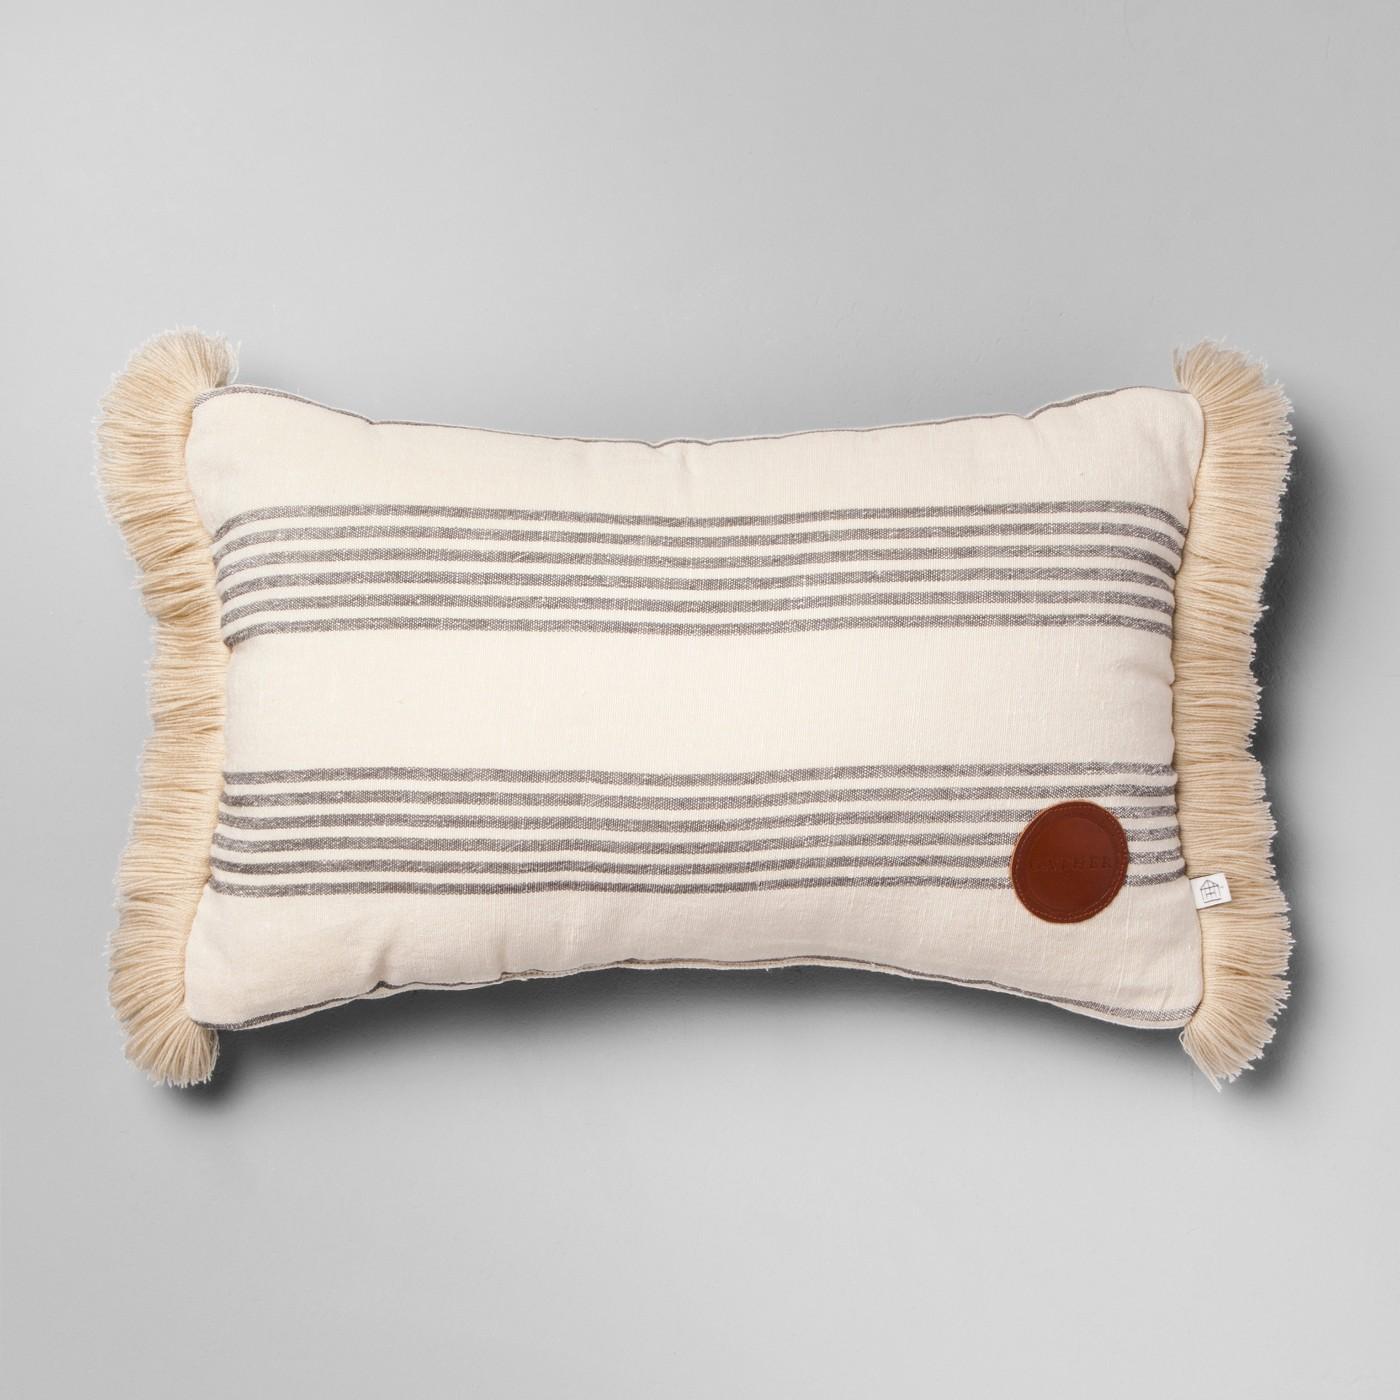 Grain Pillow